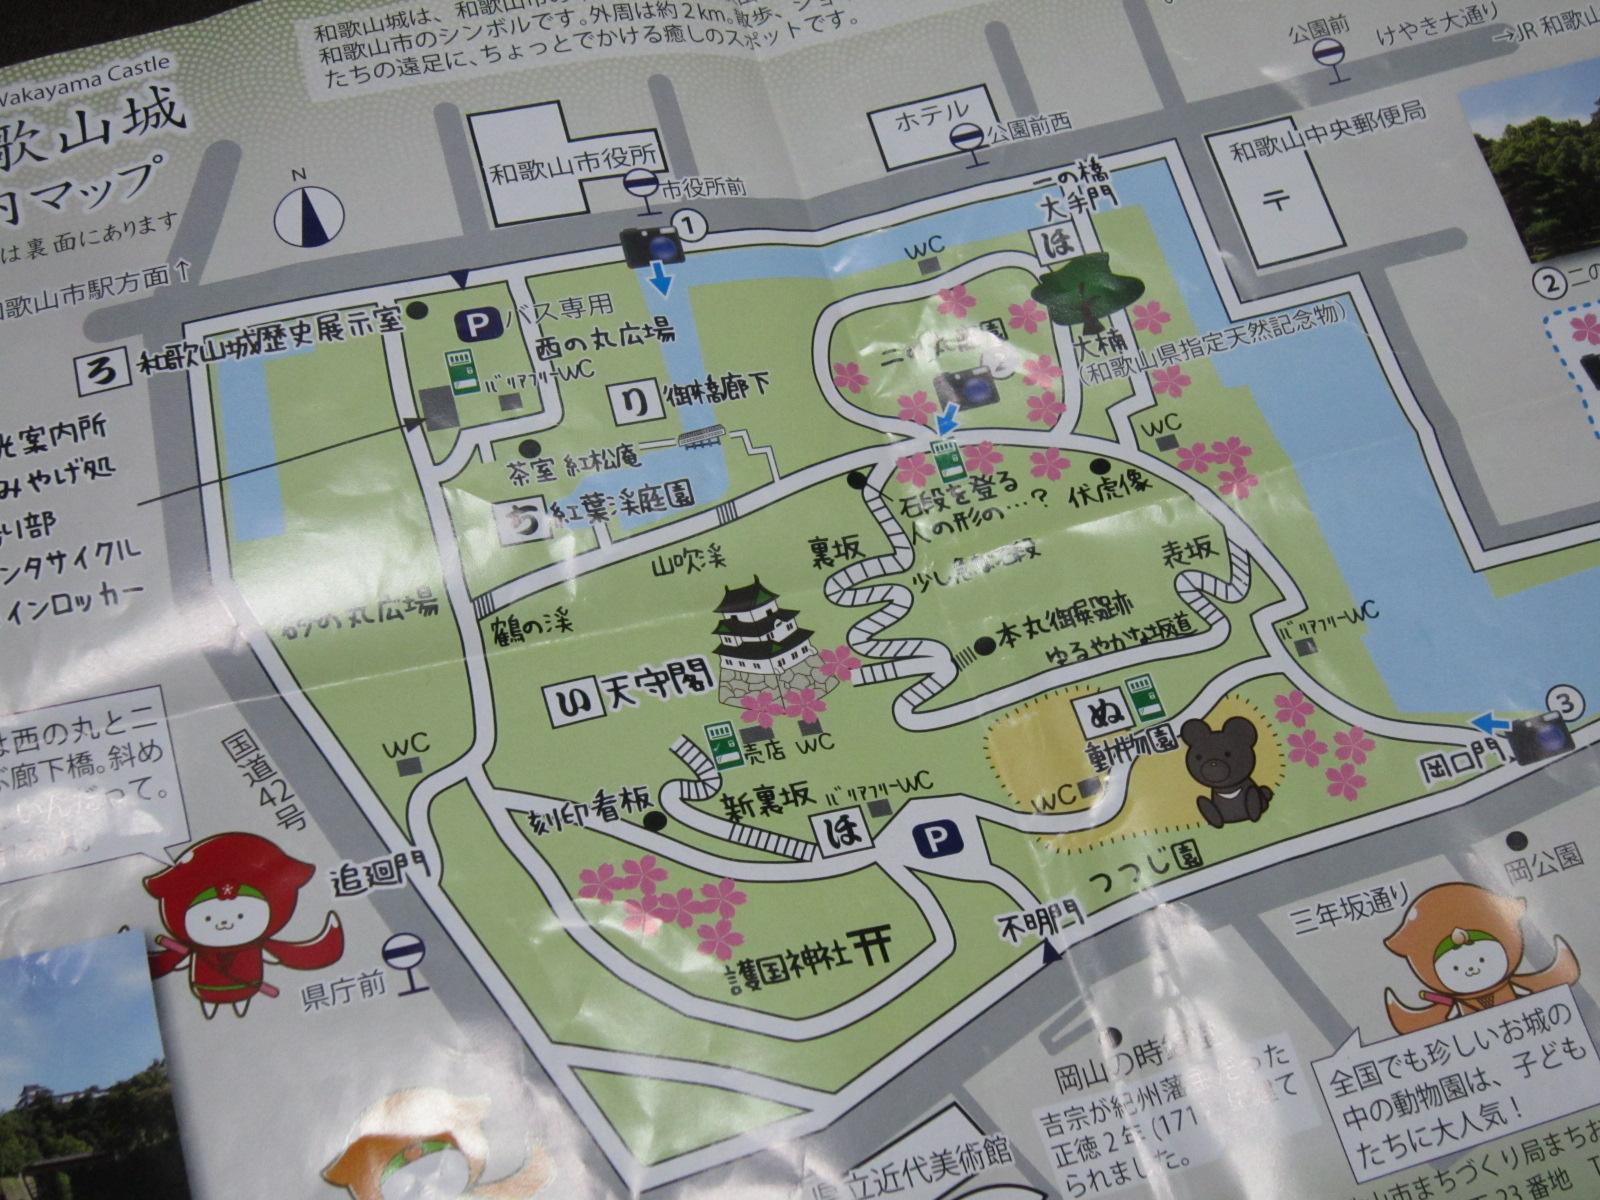 和歌山城内マップ